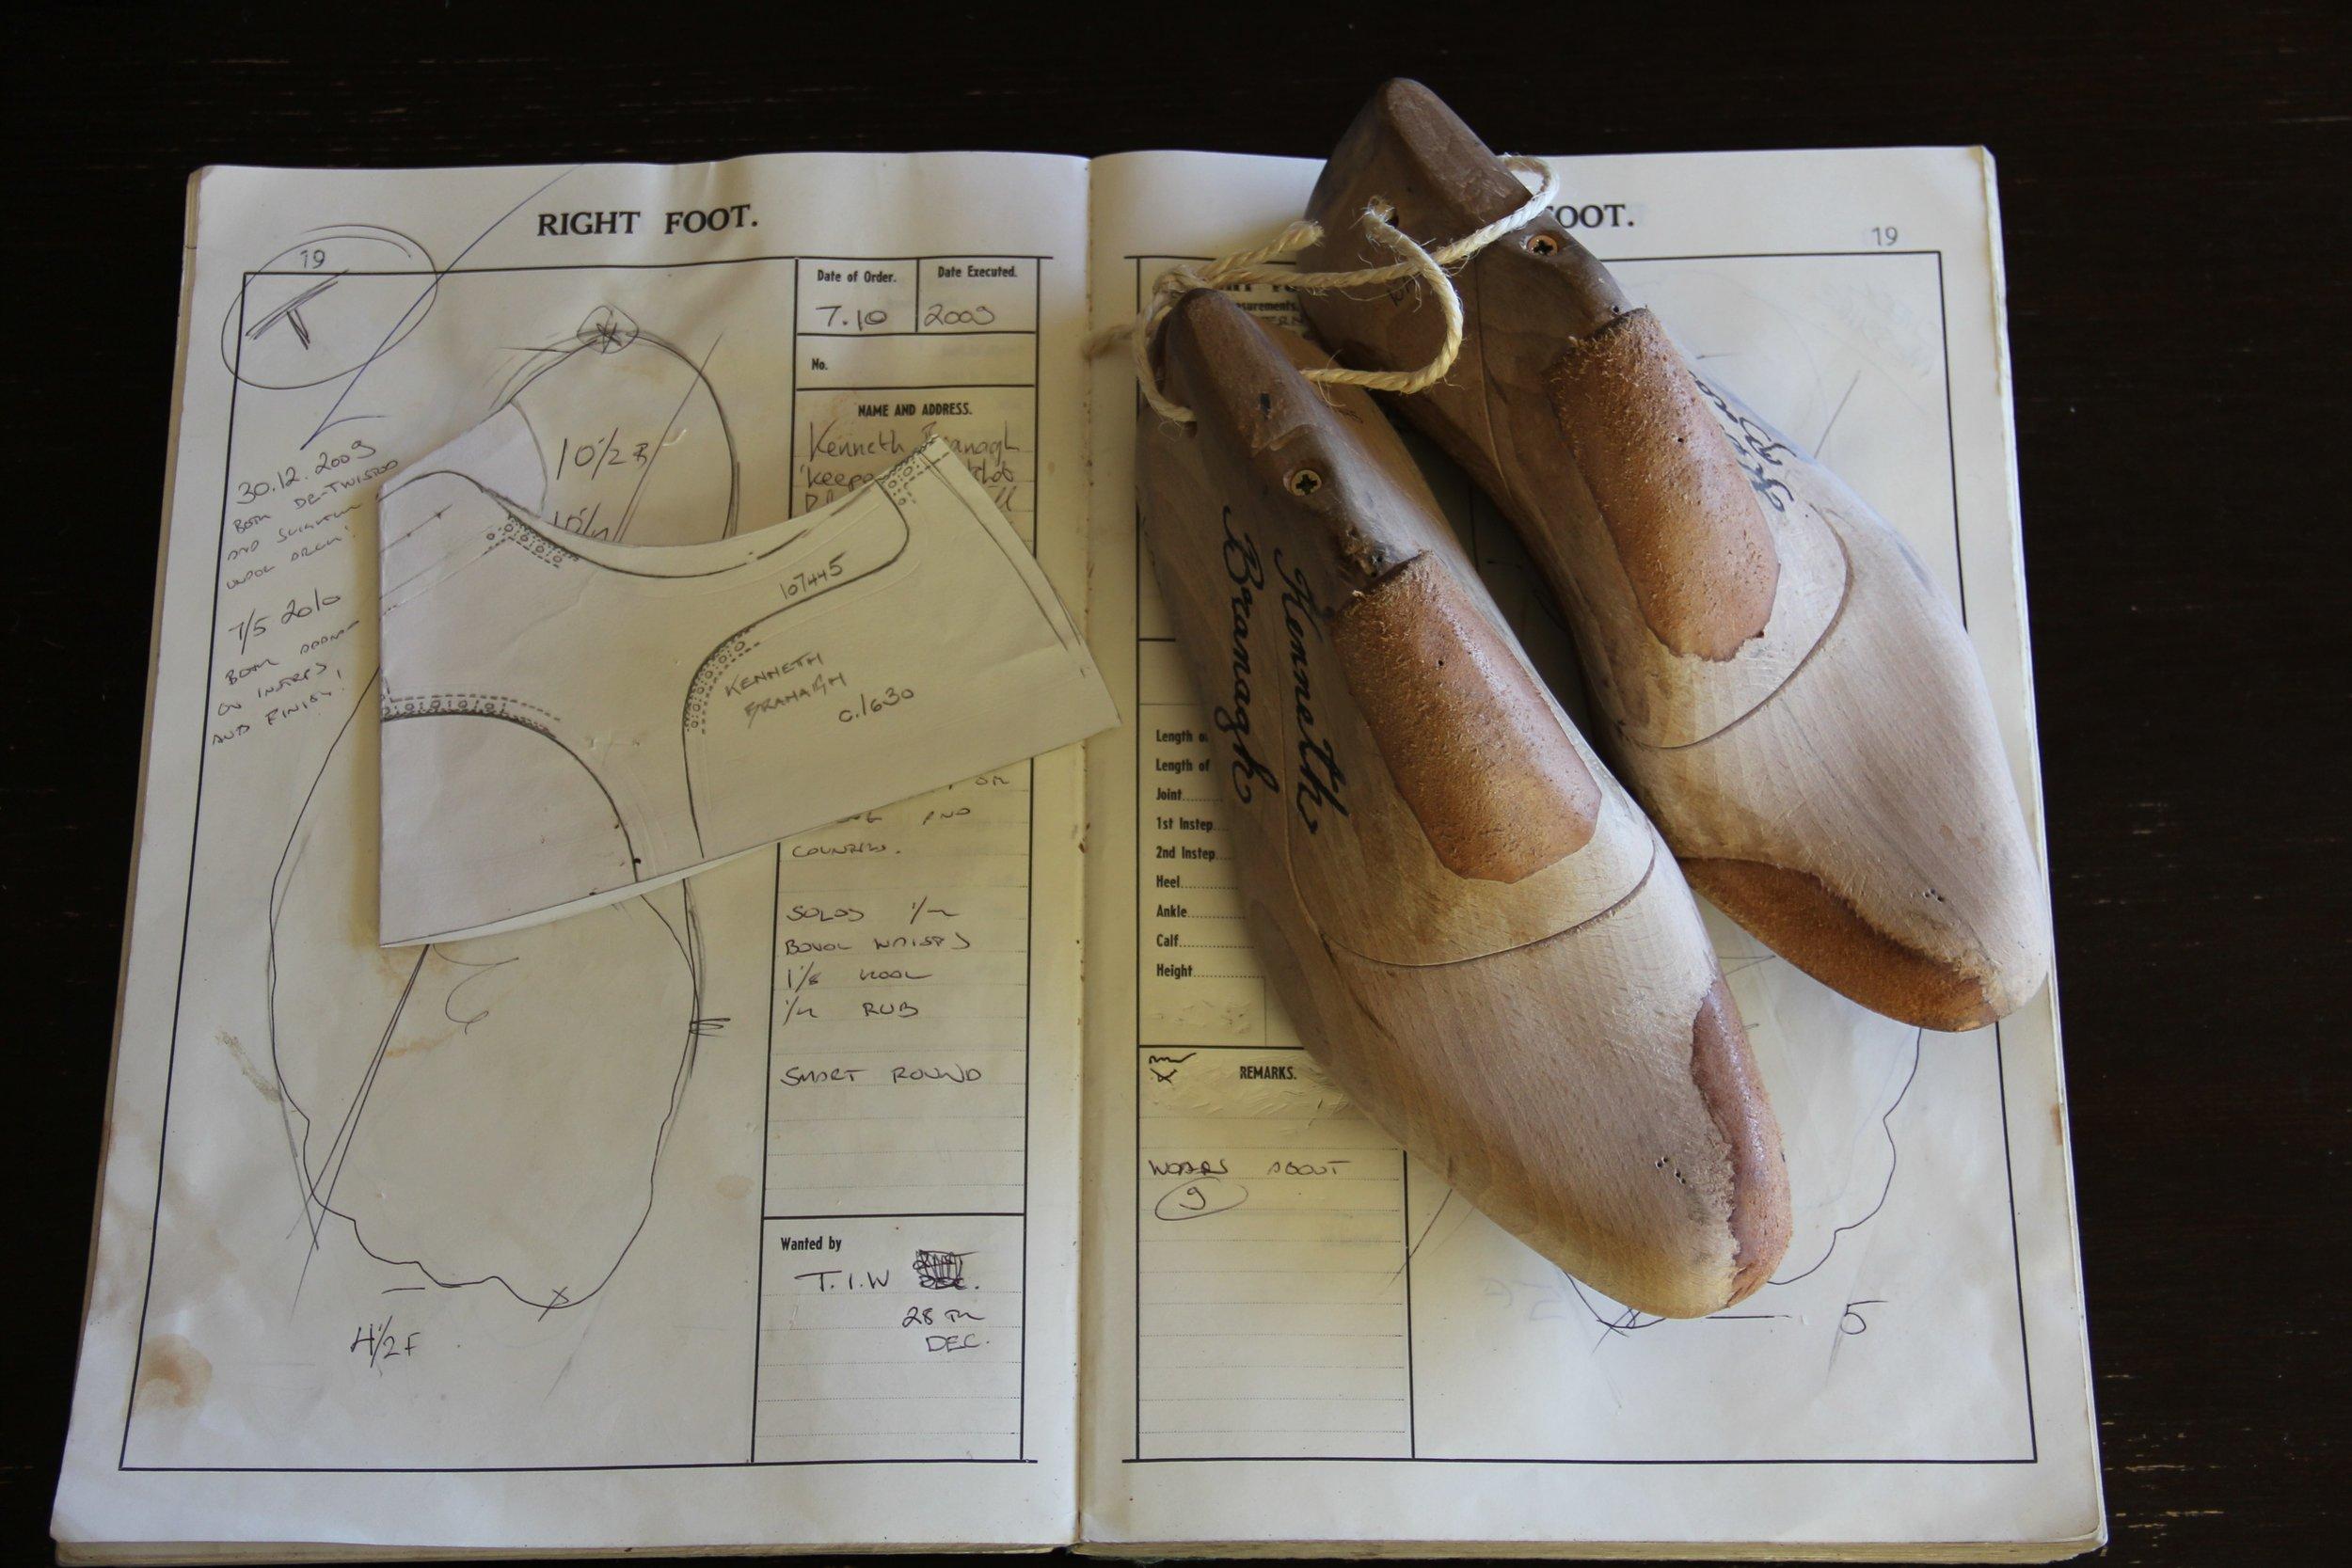 K.Branagh shoe designs